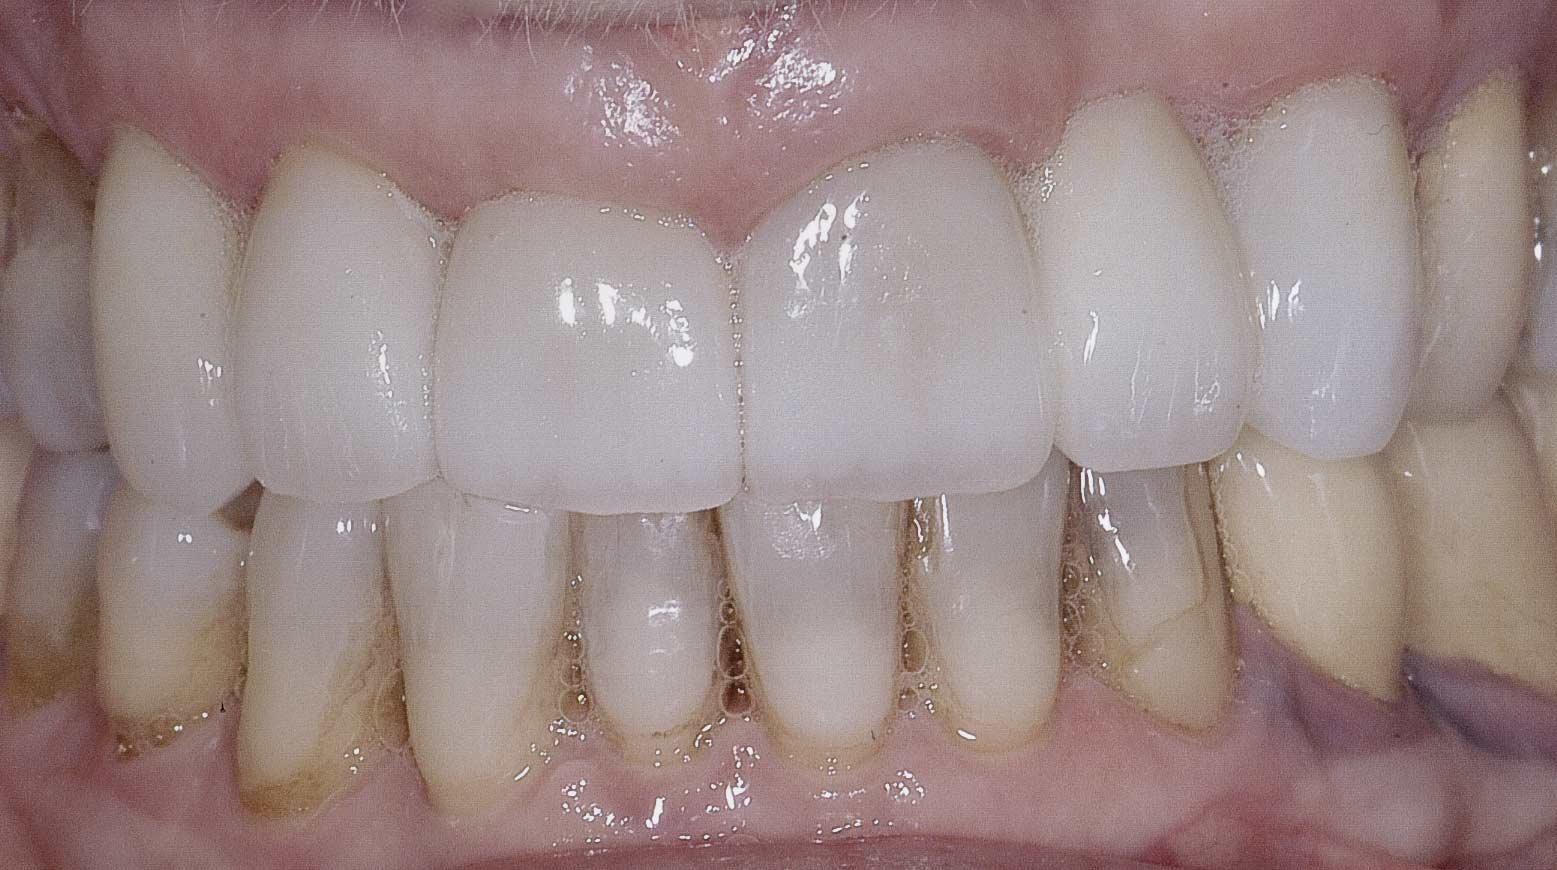 After restorative dentistry